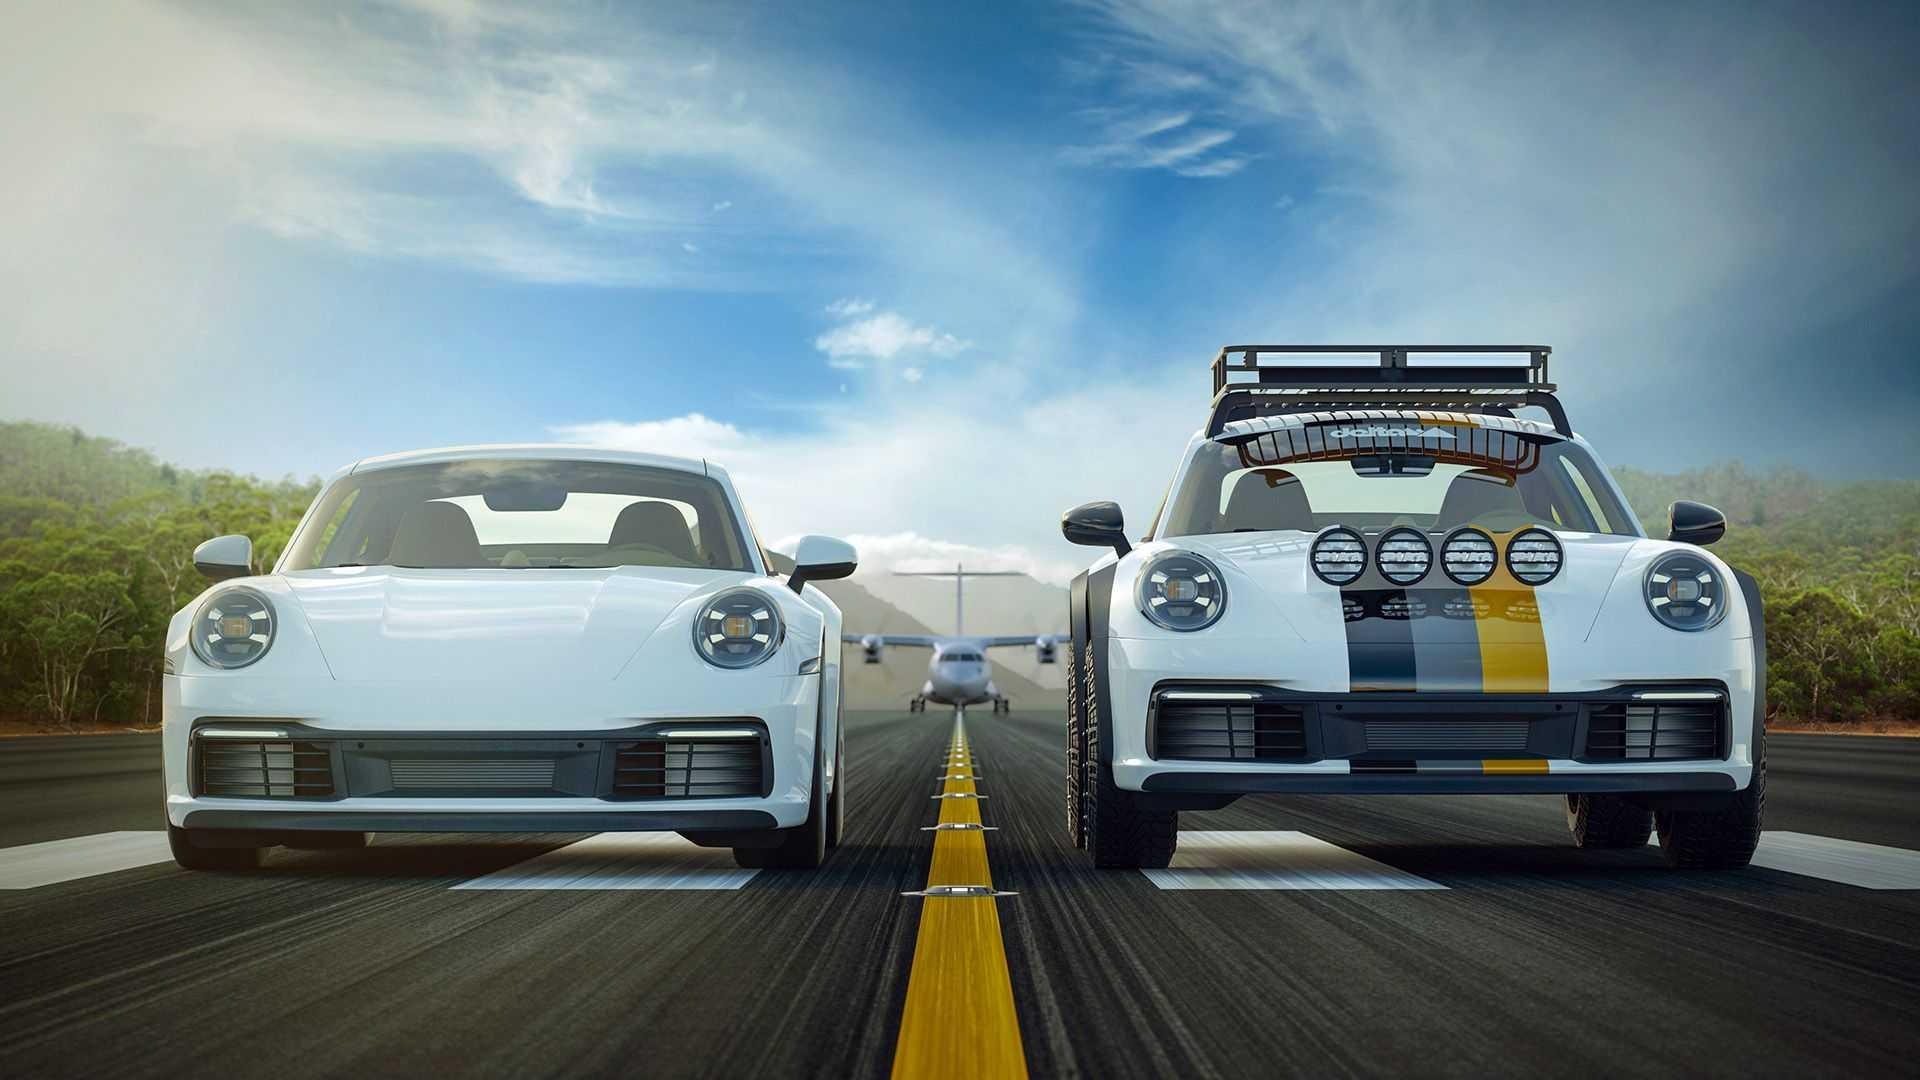 Porsche-911-992-4S-by-Delta-4x4-7